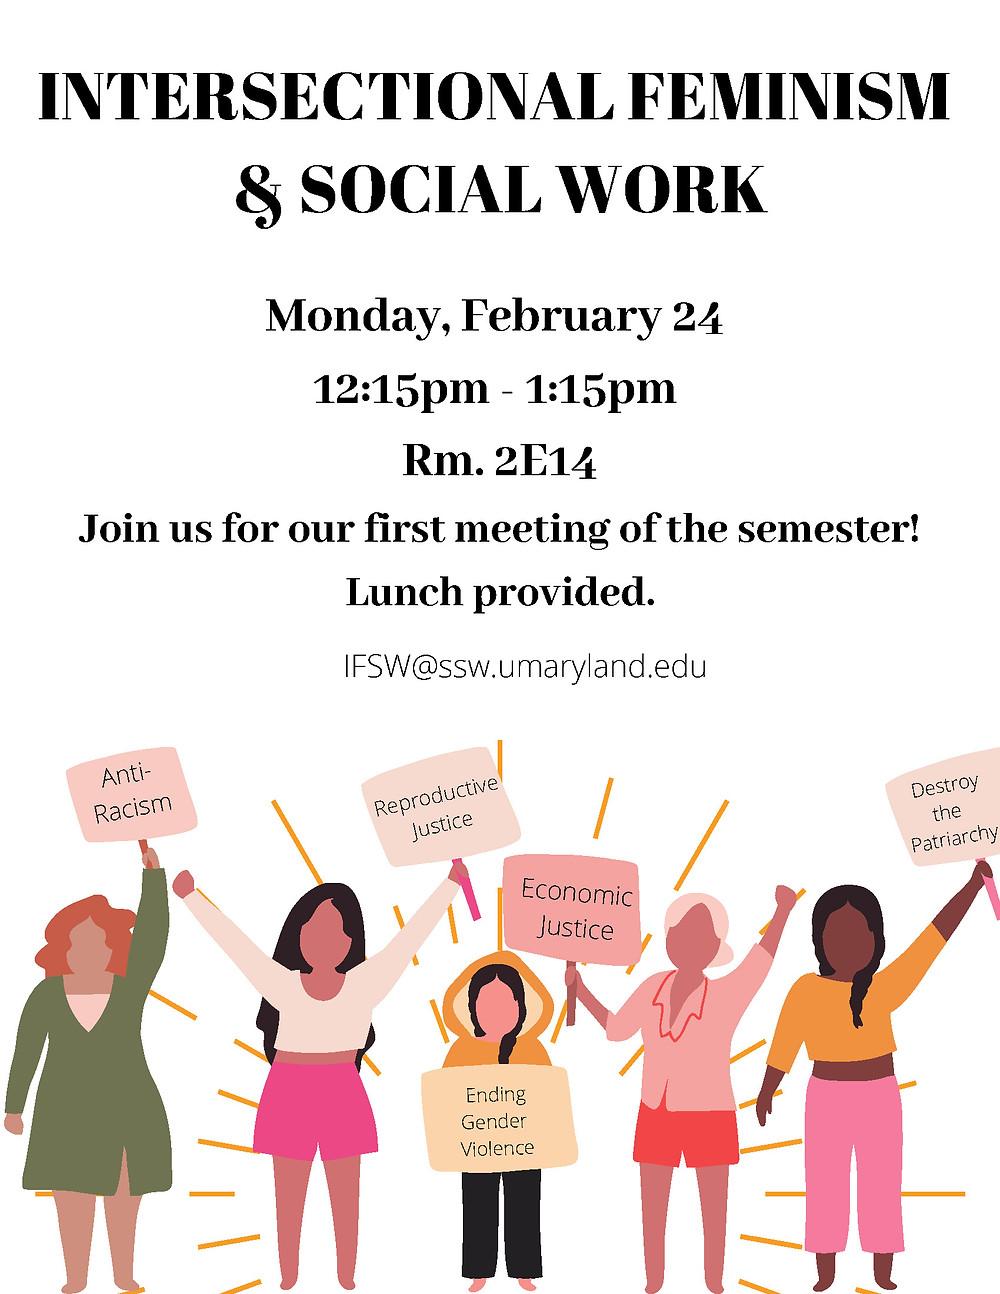 feminist meeting flyer